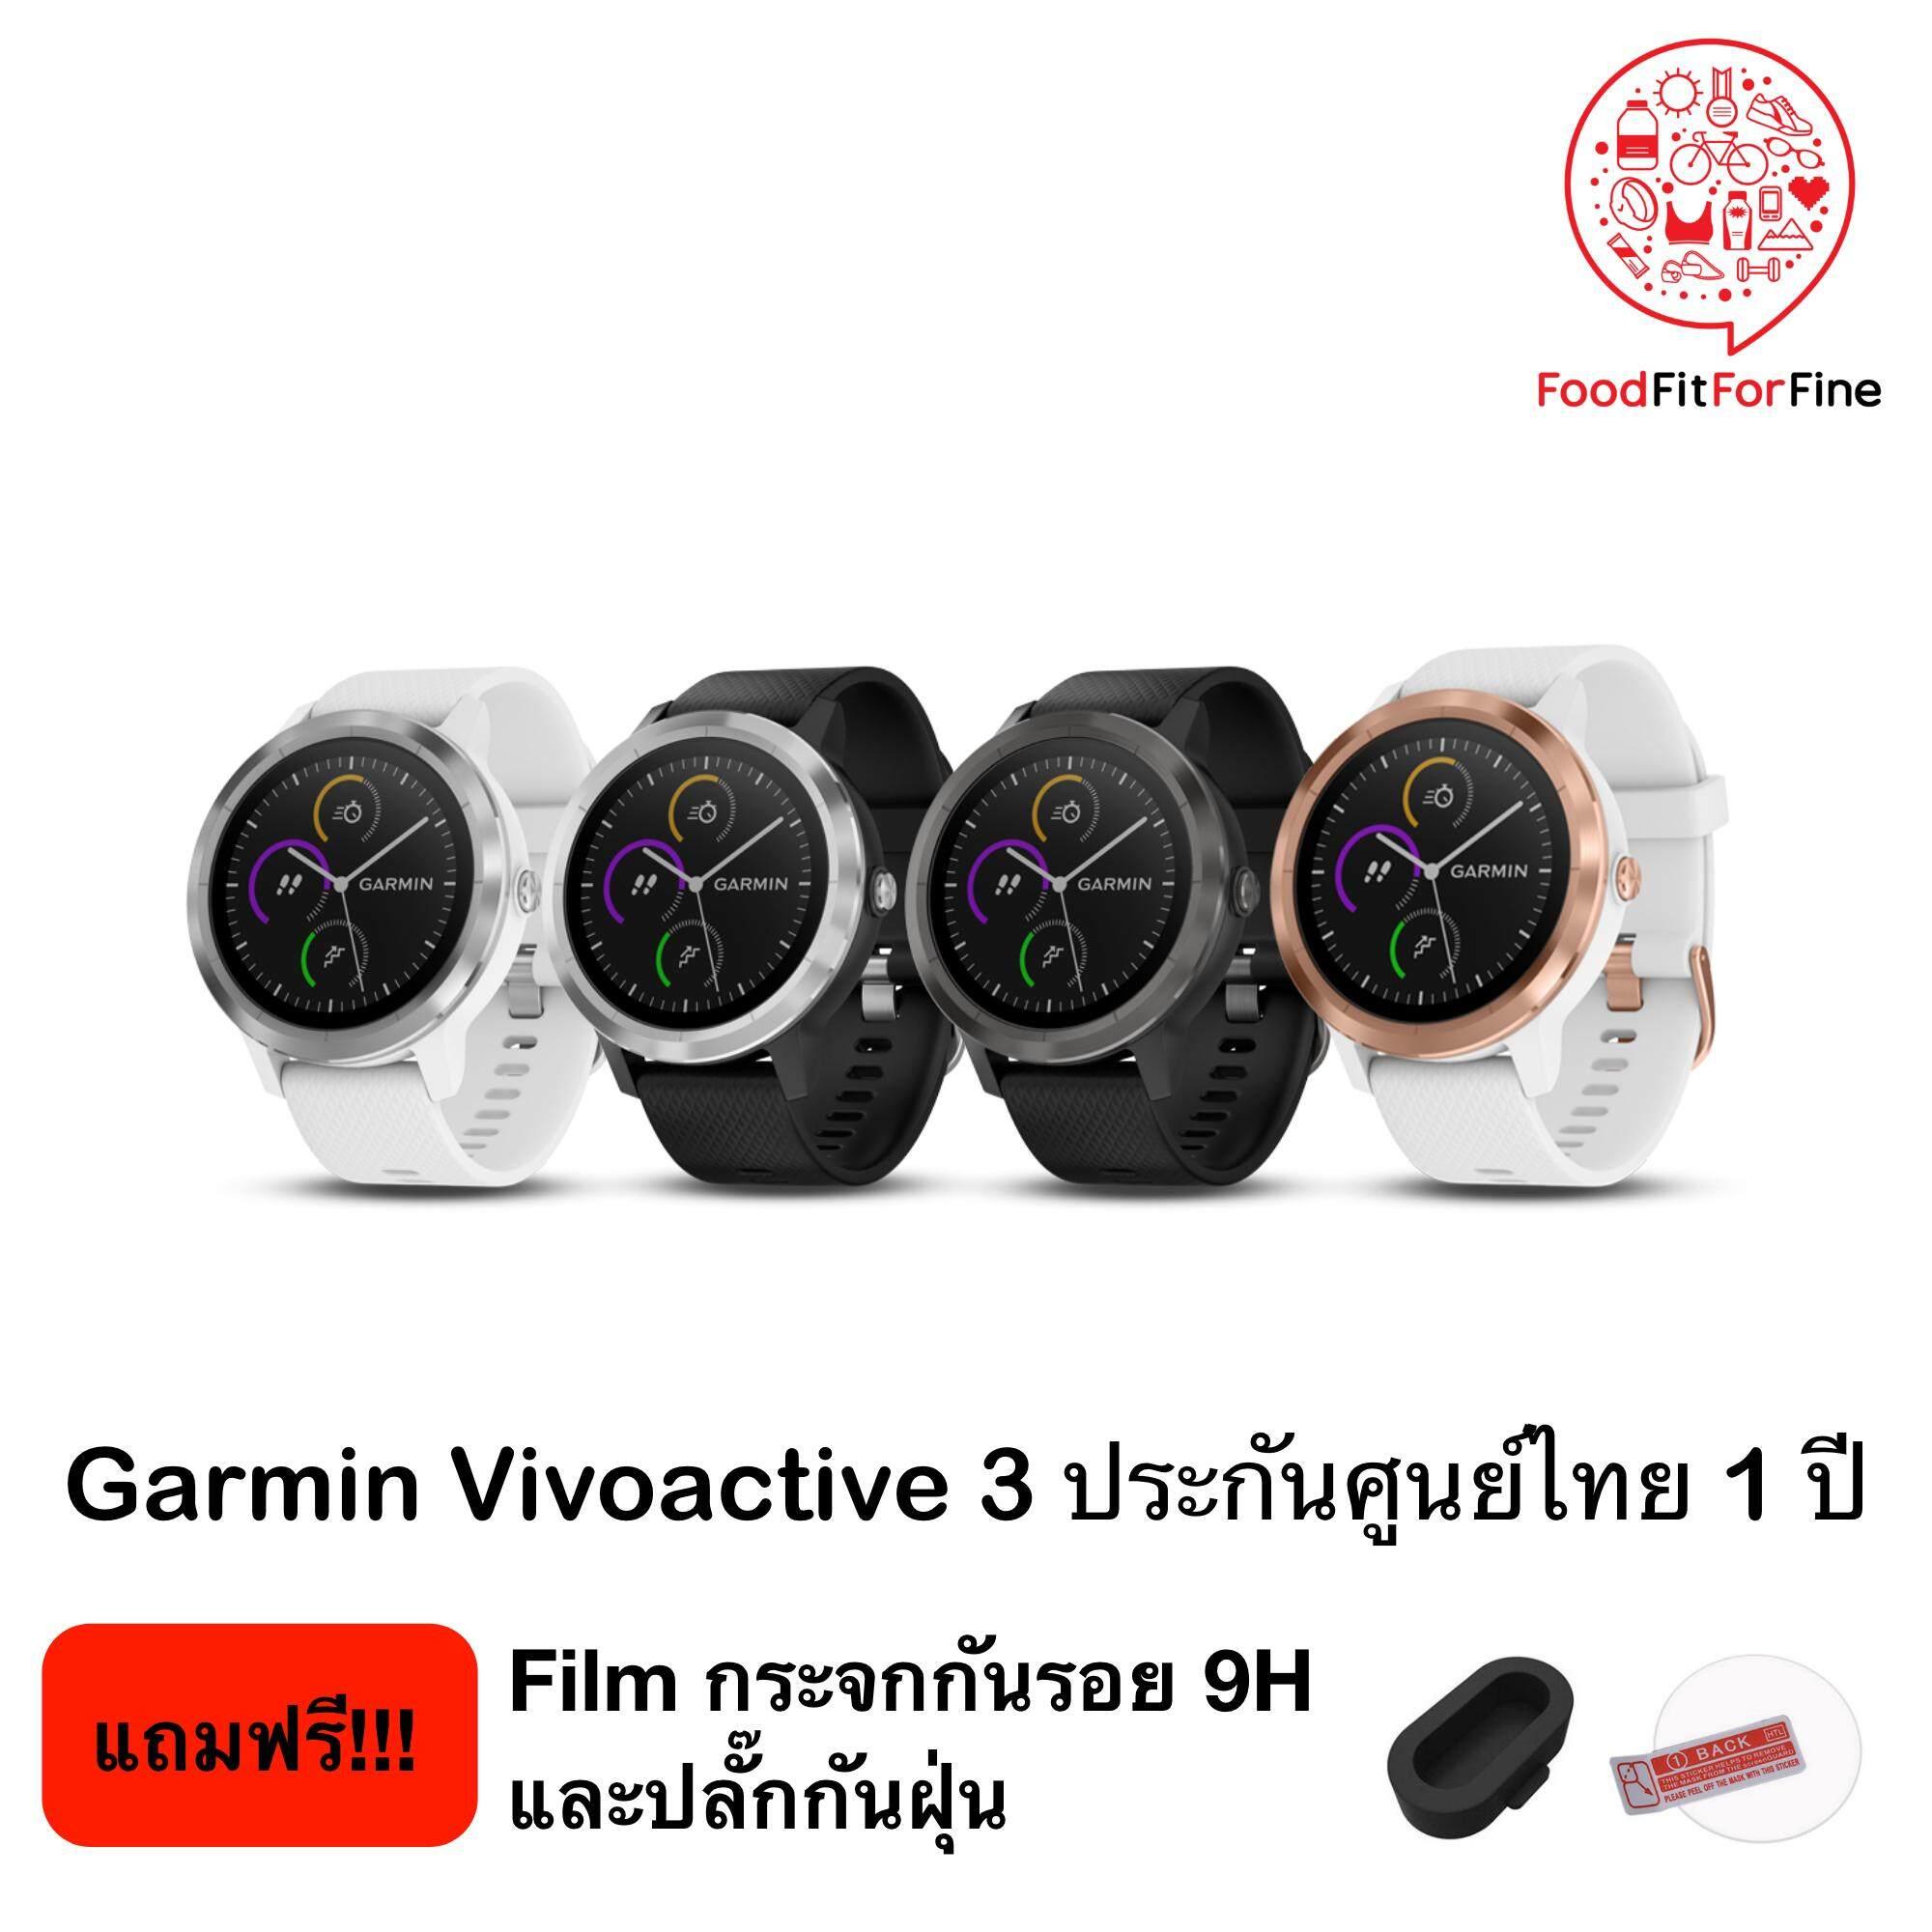 ยี่ห้อไหนดี  ระนอง Garmin Vivoactive 3 ประกันศูนย์ไทย 1 ปี แถมฟรี ปลั๊กกันฝุ่น และ Film กันรอยกระจก 9H